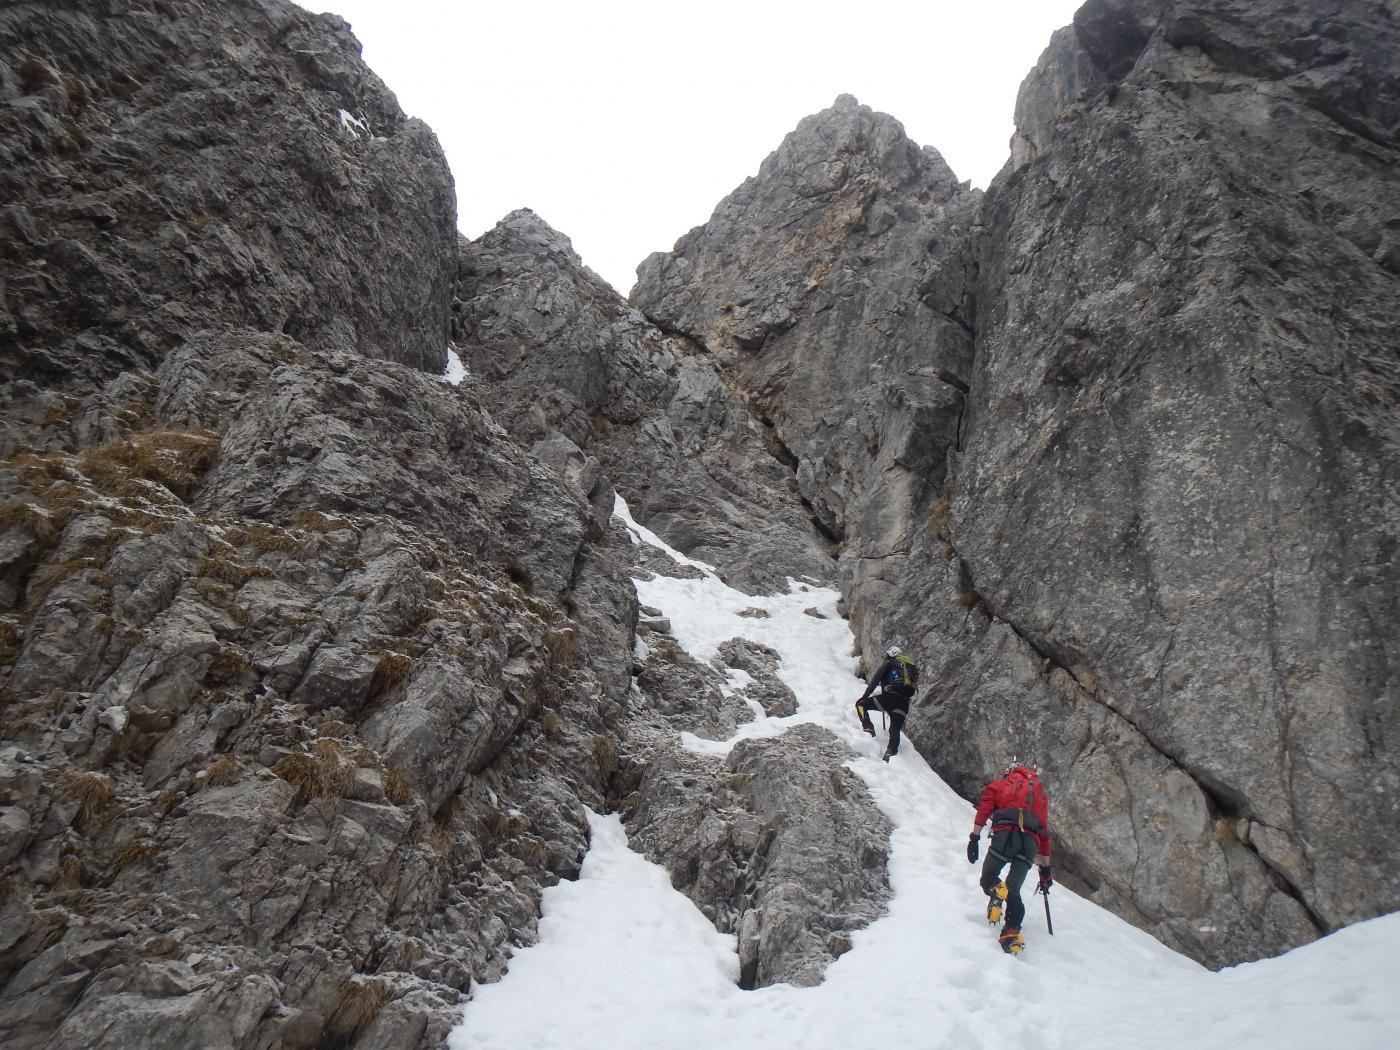 verso i primi salti di roccia